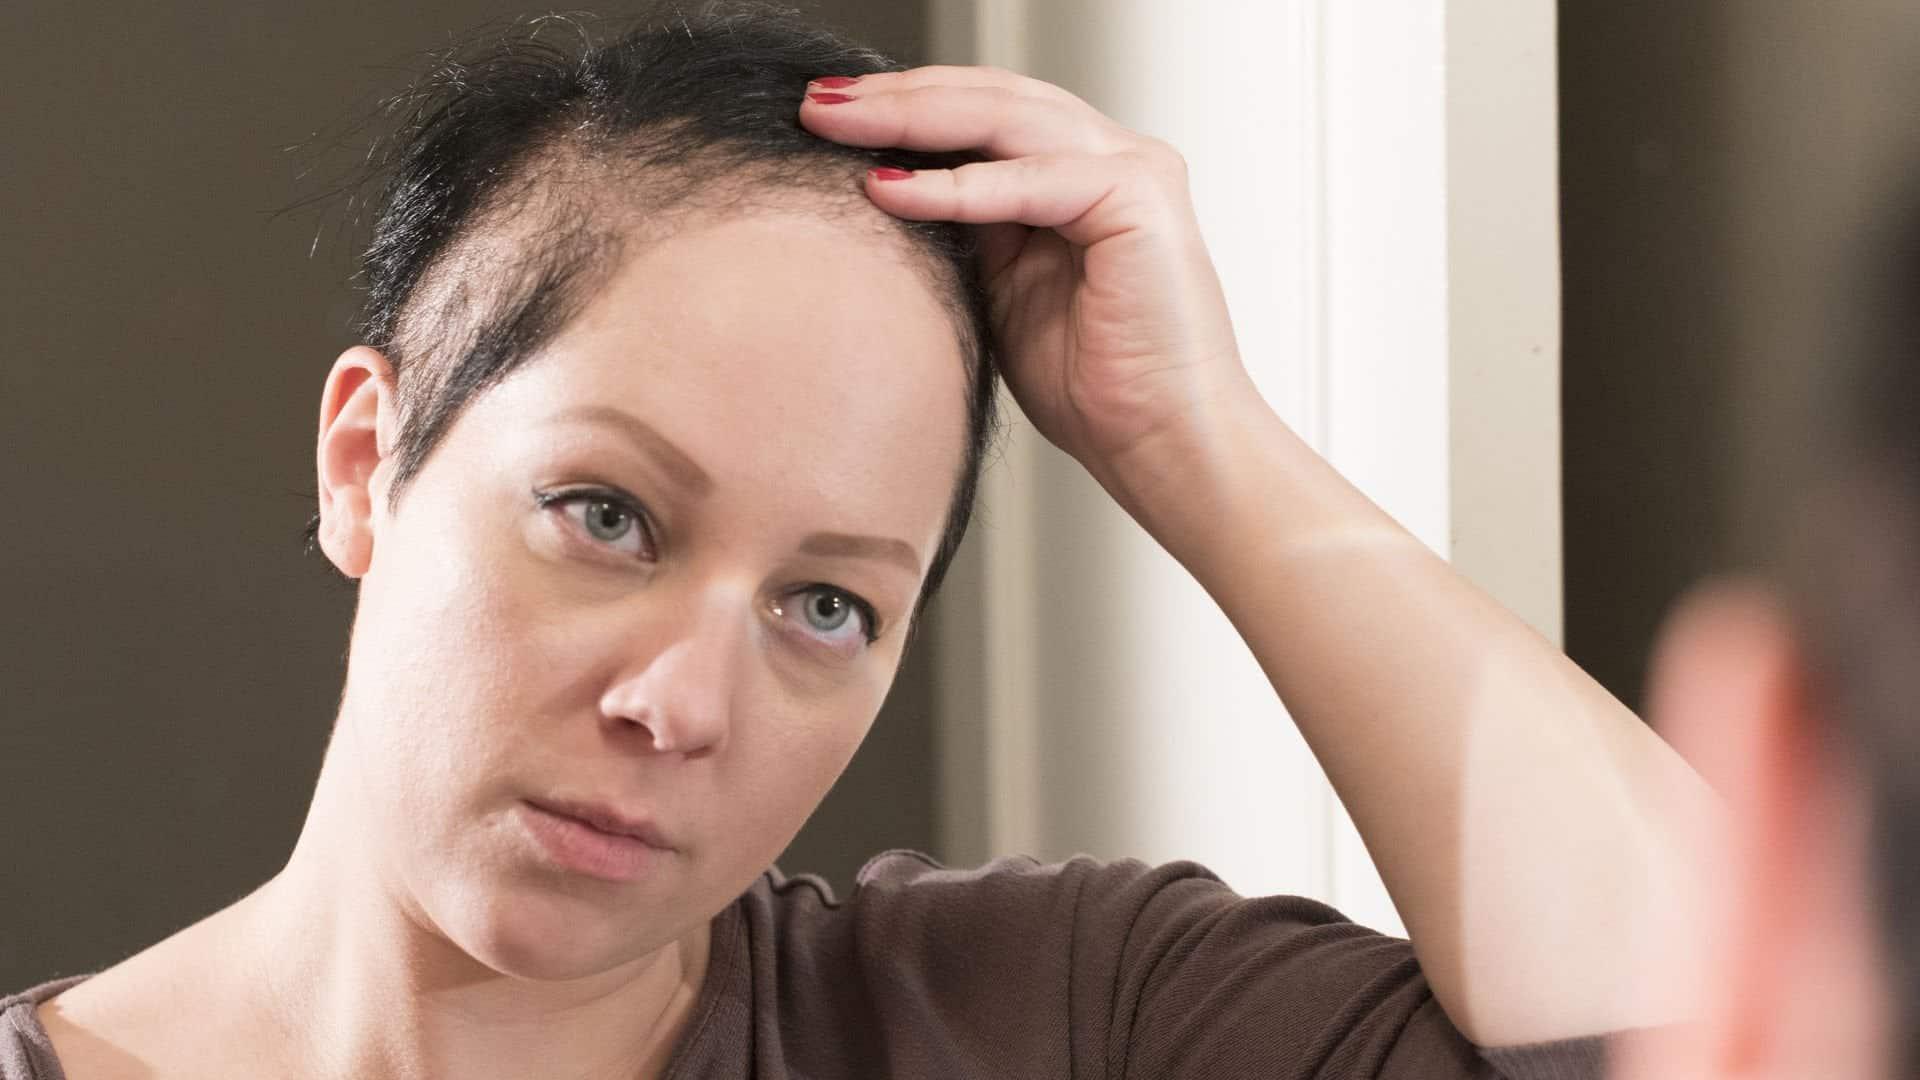 sac yolma hastaliginin tedavisi Saç,kaş vekirpik yolma hastalığı ve tedavisi